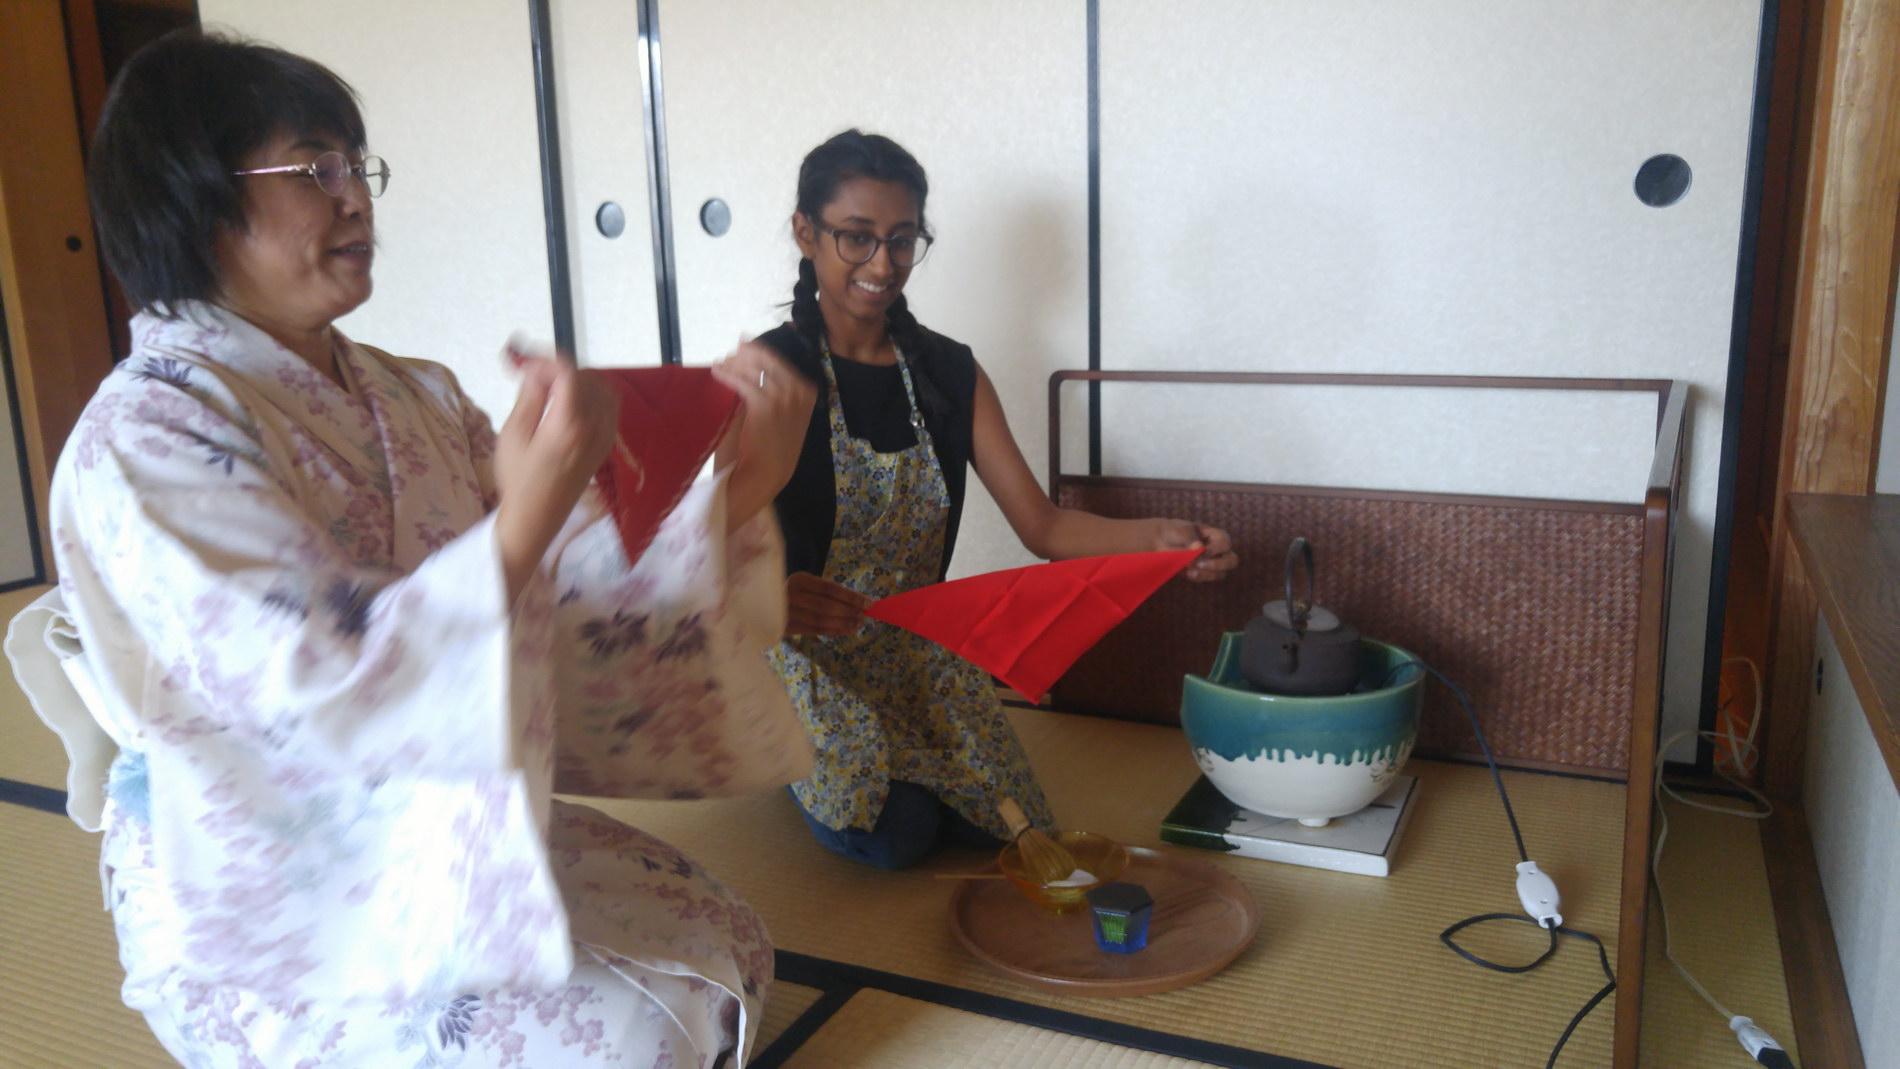 Tea ceremony: teacher showing how to perform tea serving etiquette